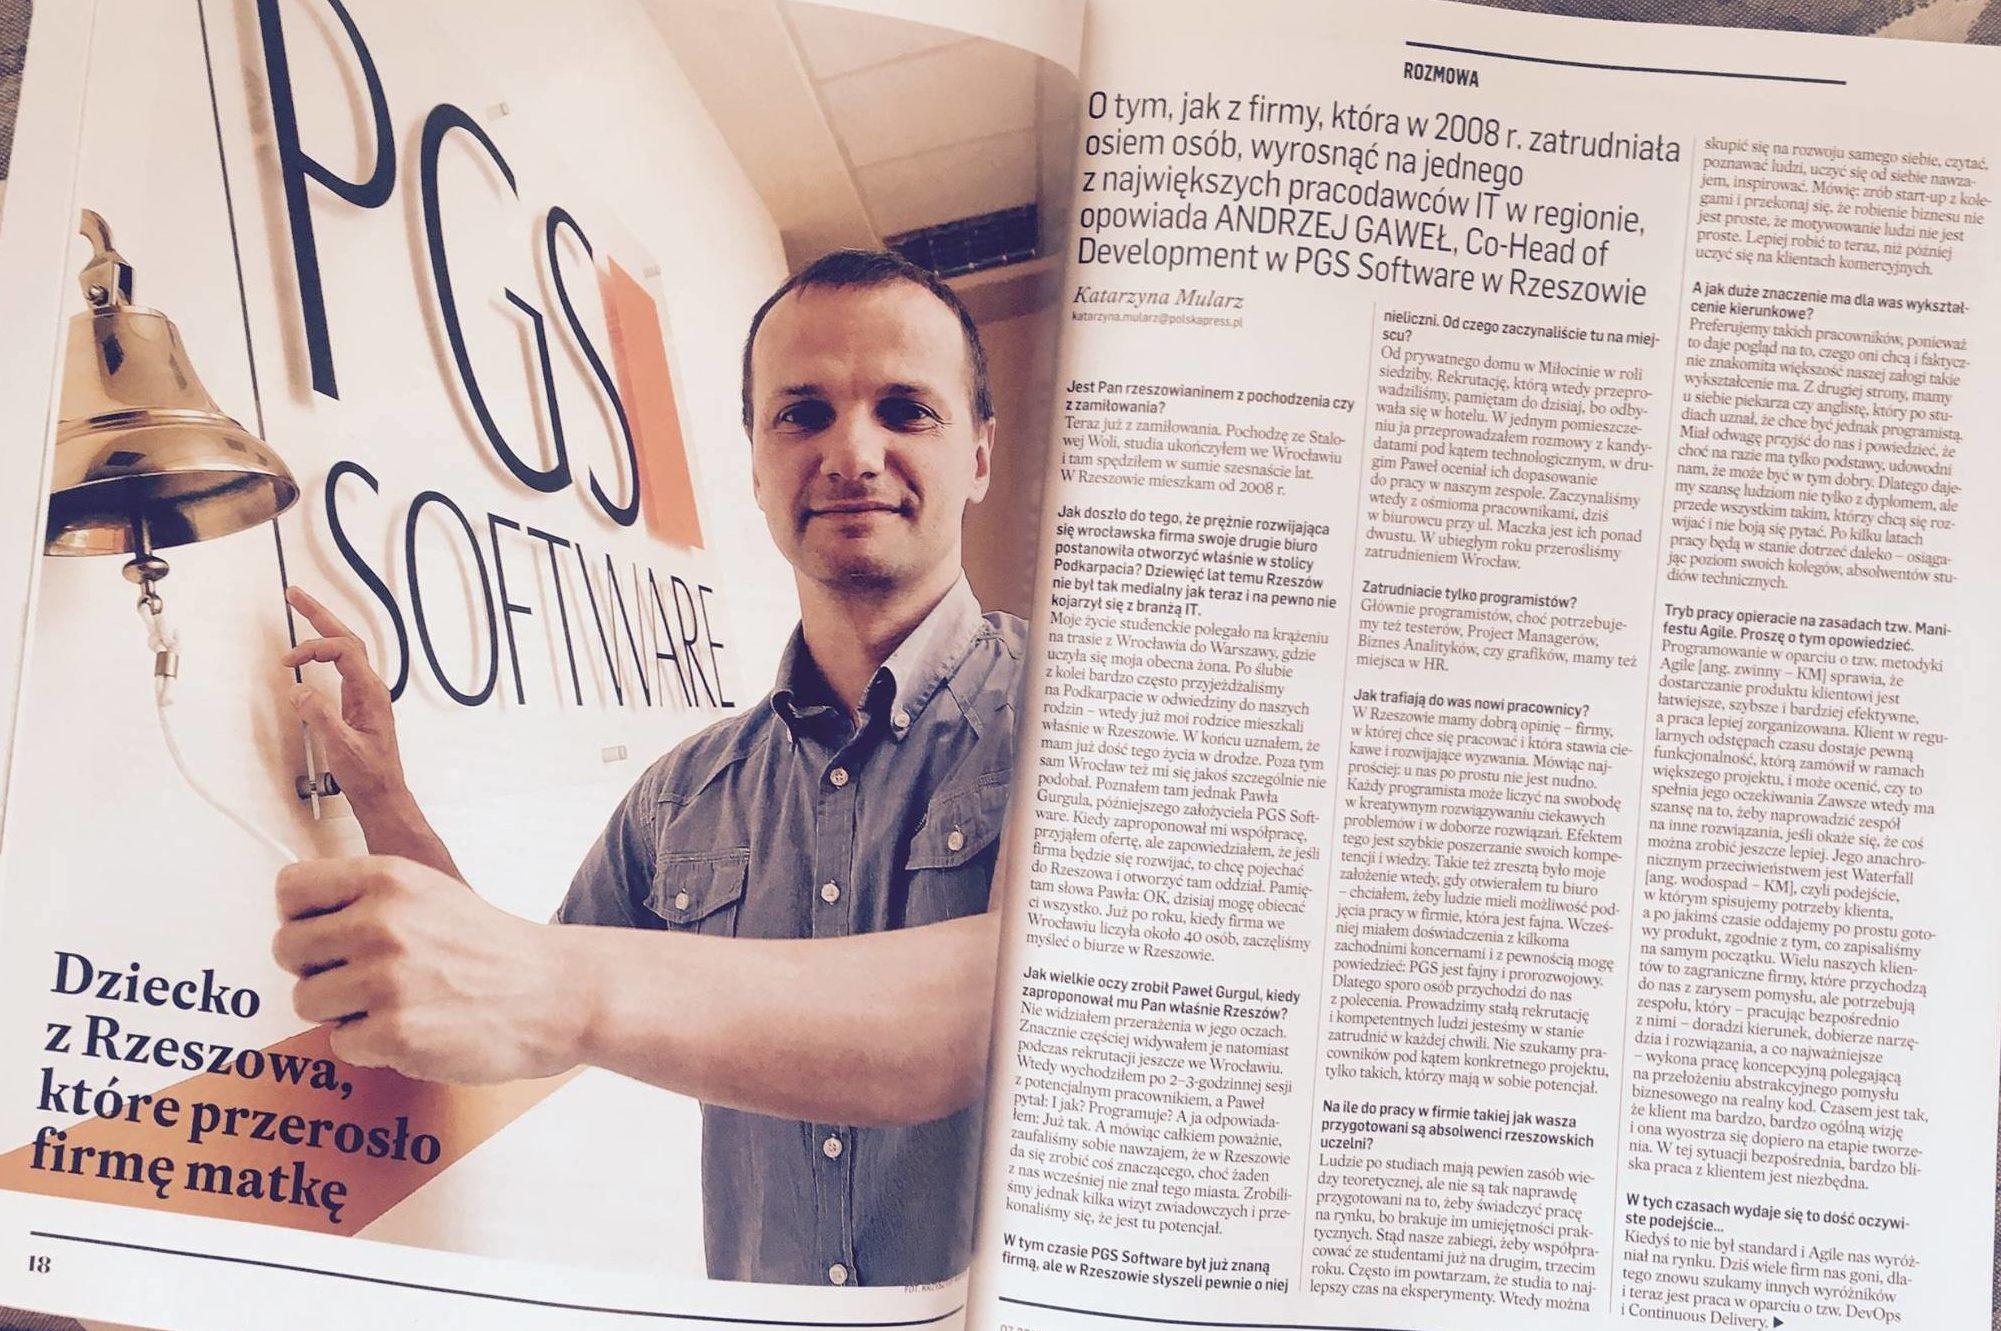 Wywiad z Andrzejem Gawłem w podkarpackiej Strefie Biznesu